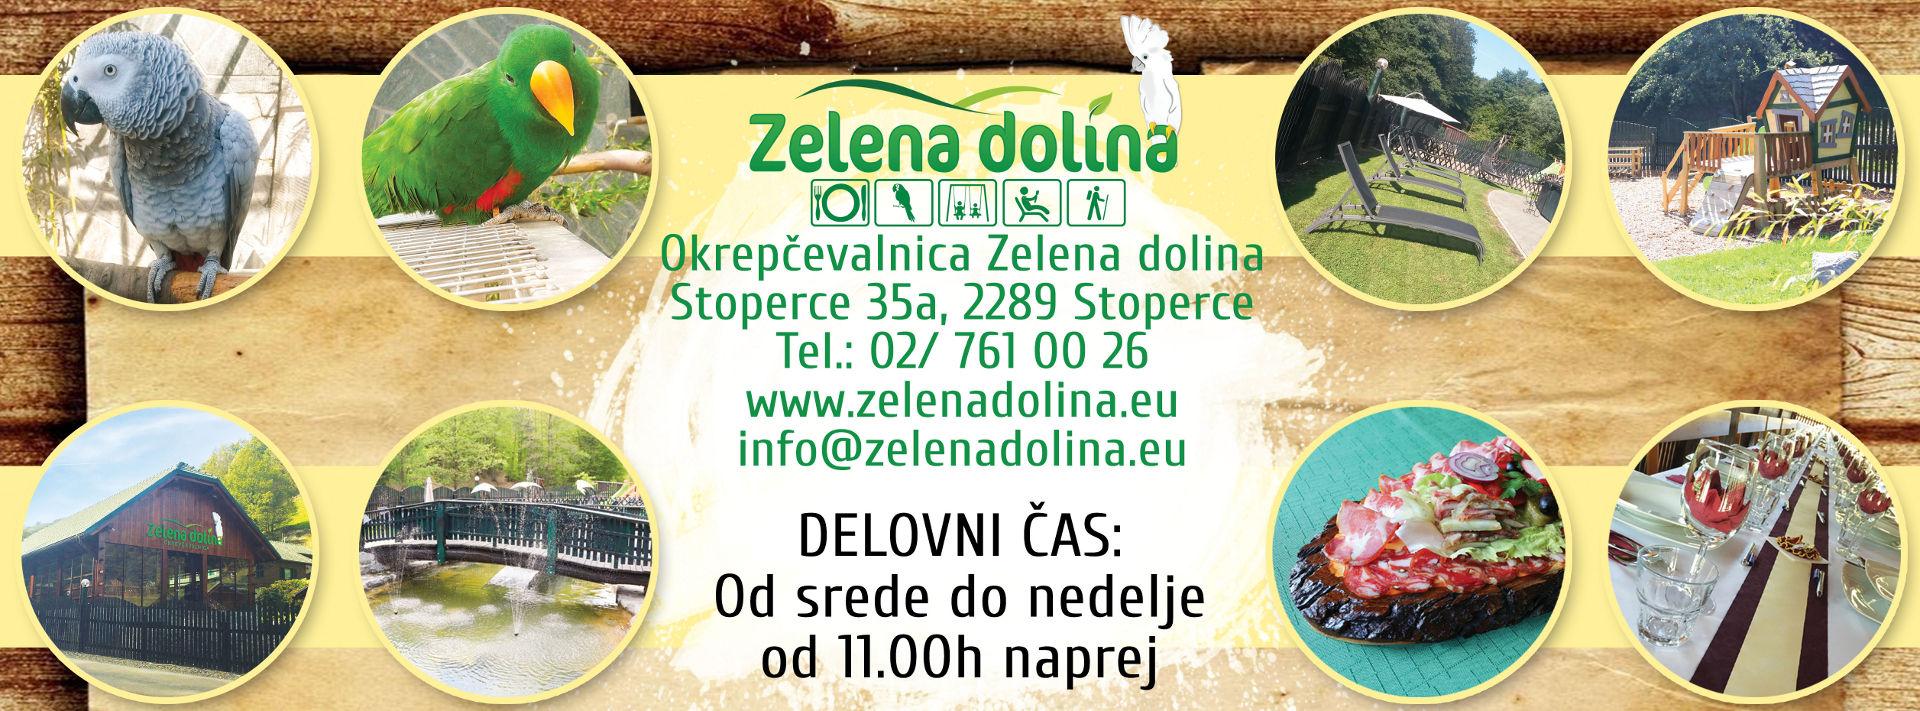 cover-2017-letni-delovni-cas1920-1zelenadolina